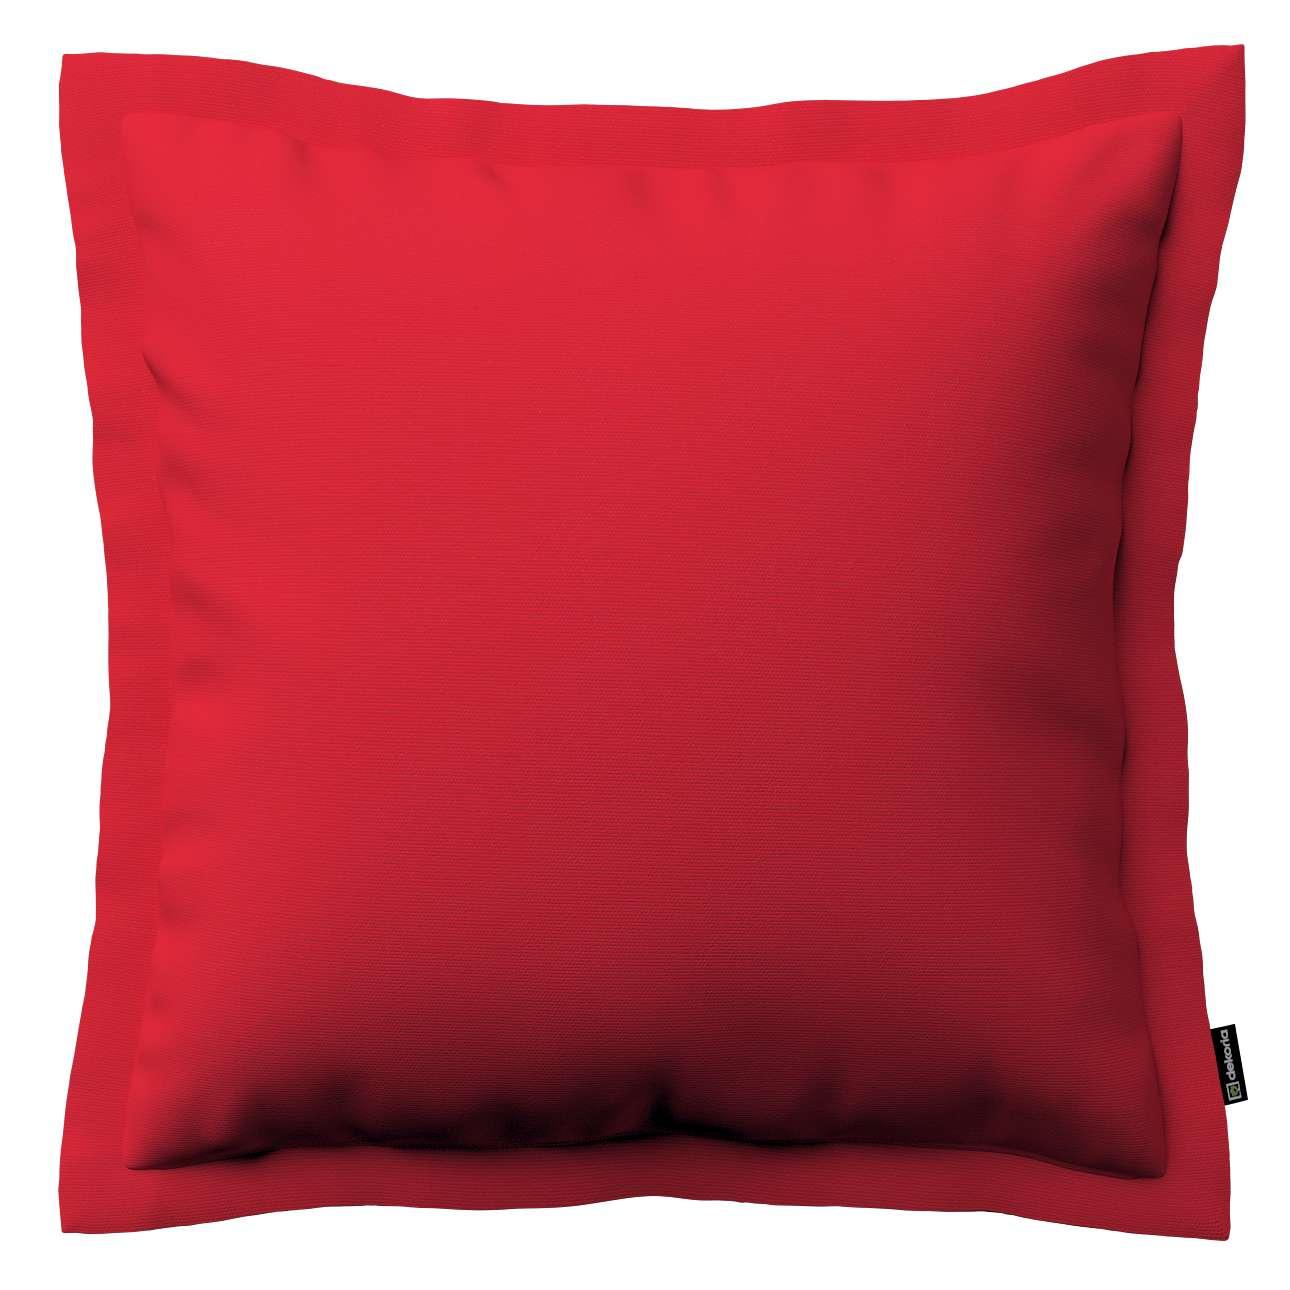 Mona dekoratyvinių pagalvėlių užvalkalas su sienele 45 x 45cm kolekcijoje Cotton Panama, audinys: 702-04